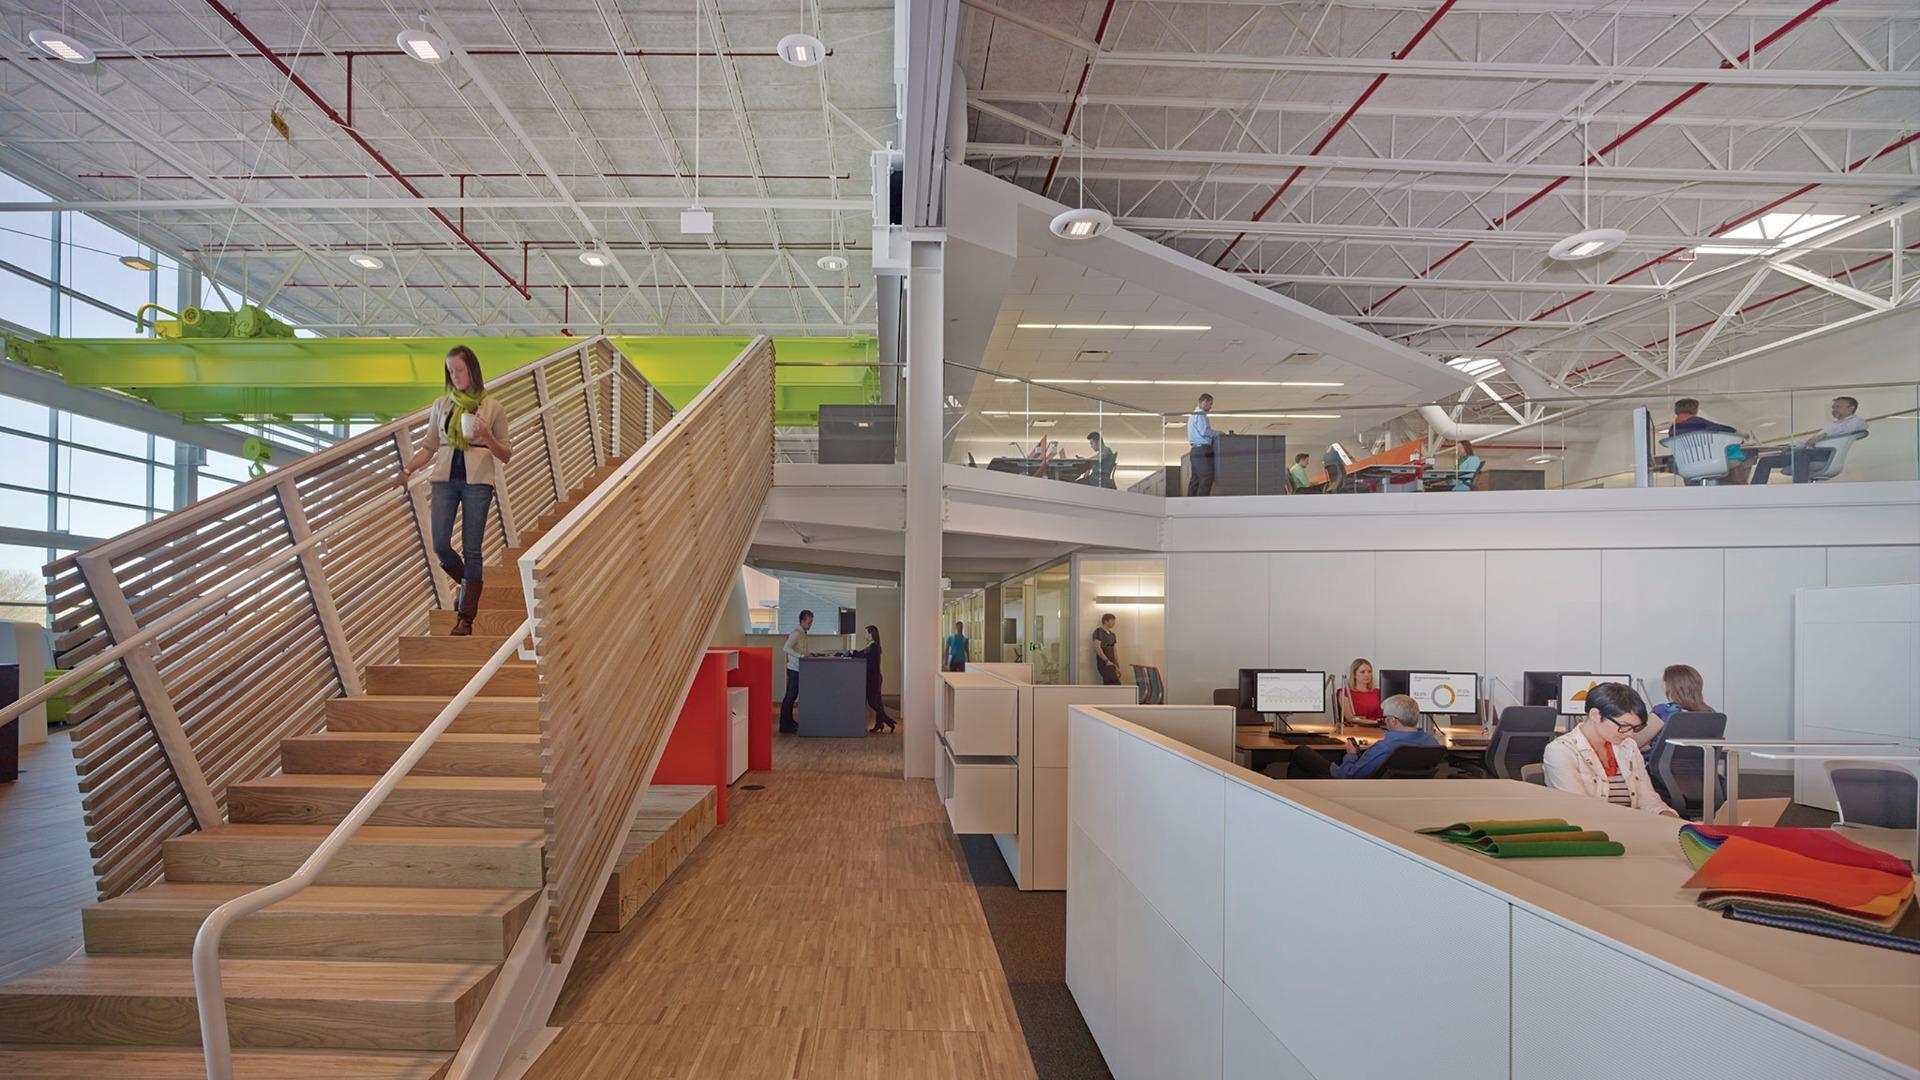 为什么你的办公室被设计成了这样?我们和全球第一办公空间制造商的用户研究员聊了聊